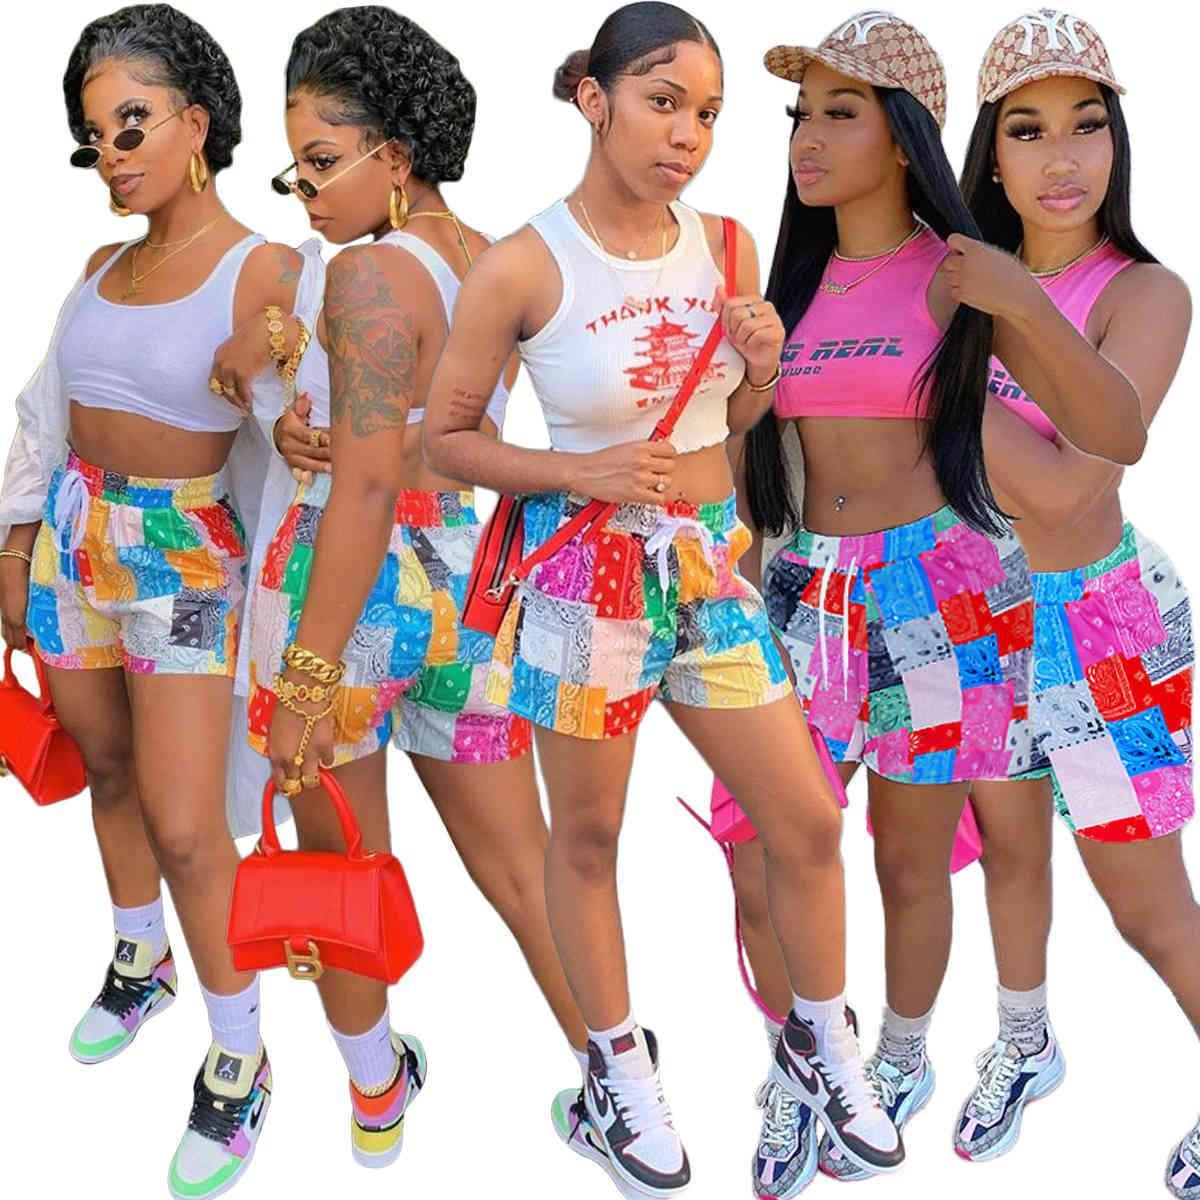 Frauen Sommer gedruckt Casual Hosen Paisley Cashew-Blume Mini-Shorts für lose Strandhosen der neuen Auflistung DHL